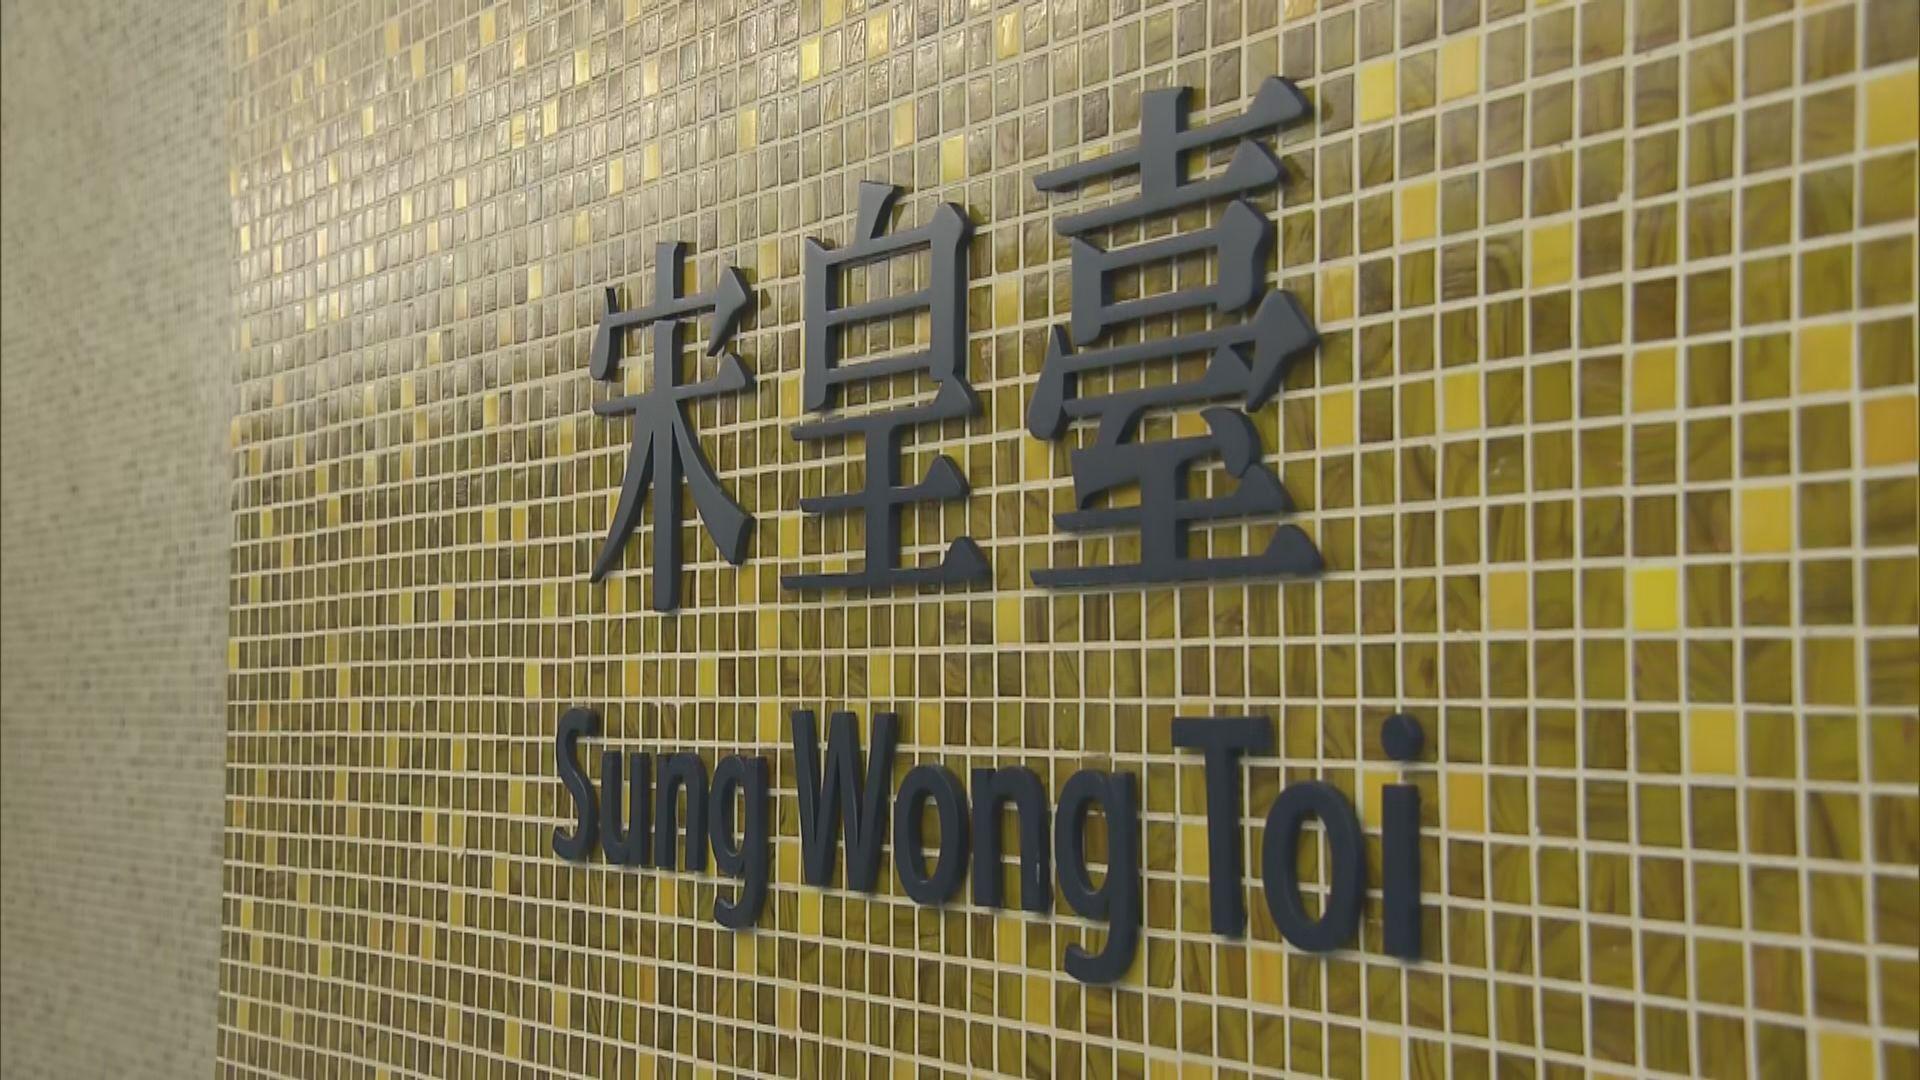 港鐵正與古蹟辦商討宋皇臺站展示文物安排